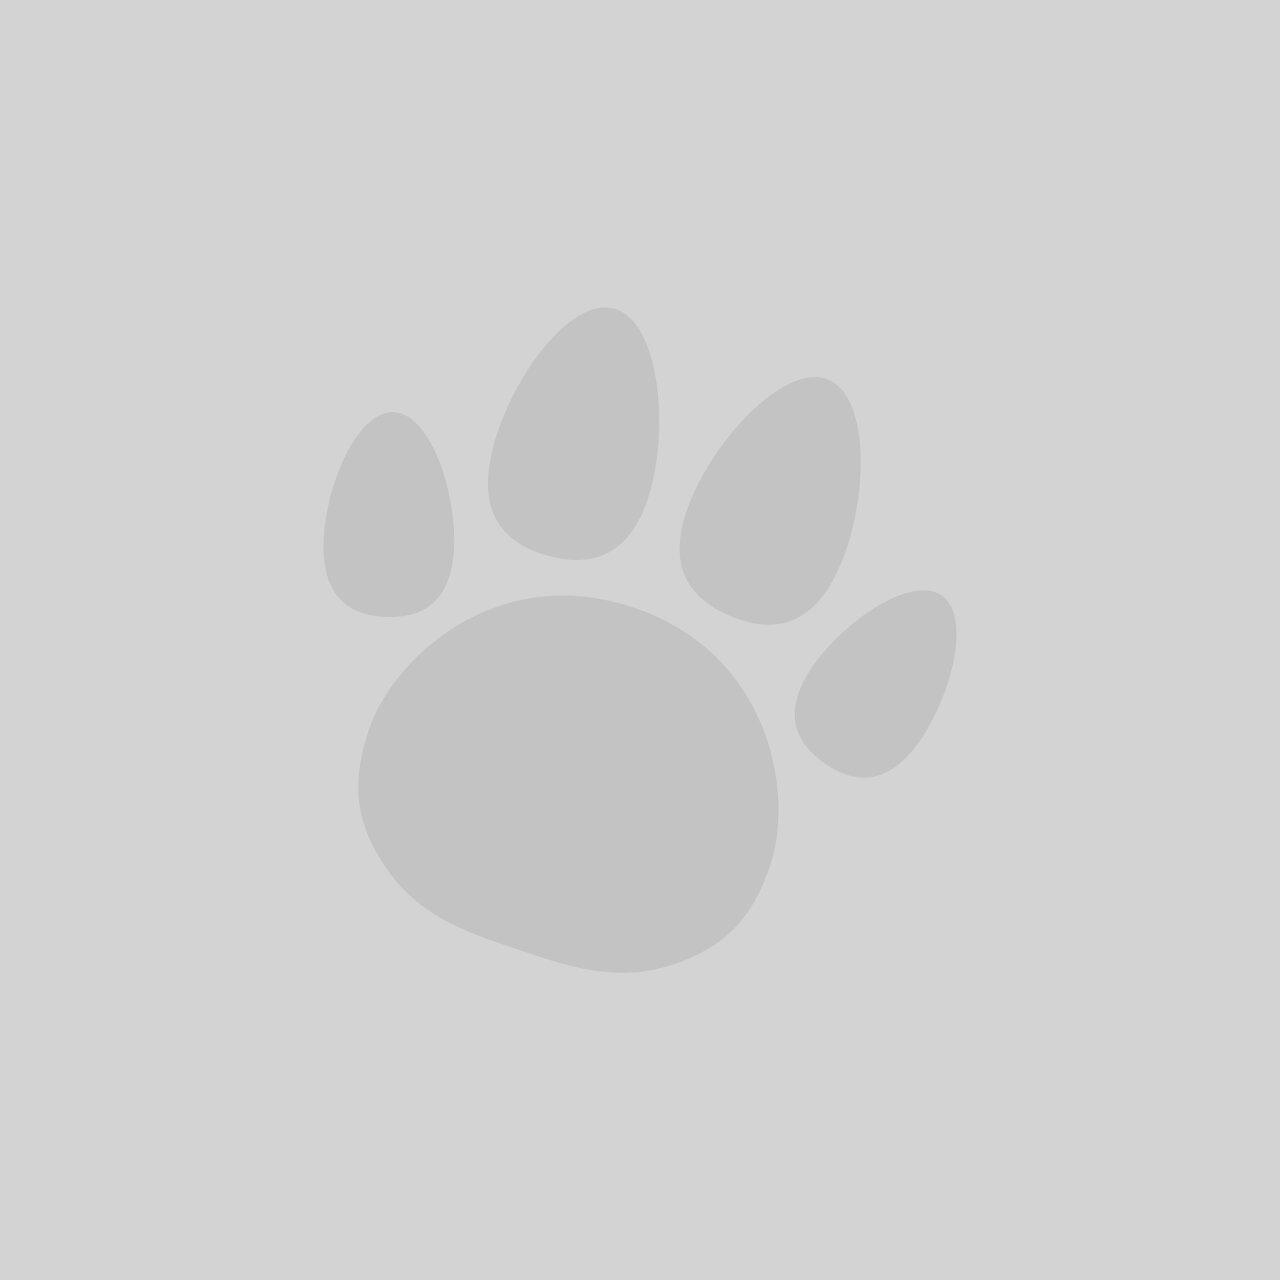 Ezydog Neo Dog Collar Camouflage (Size Options)